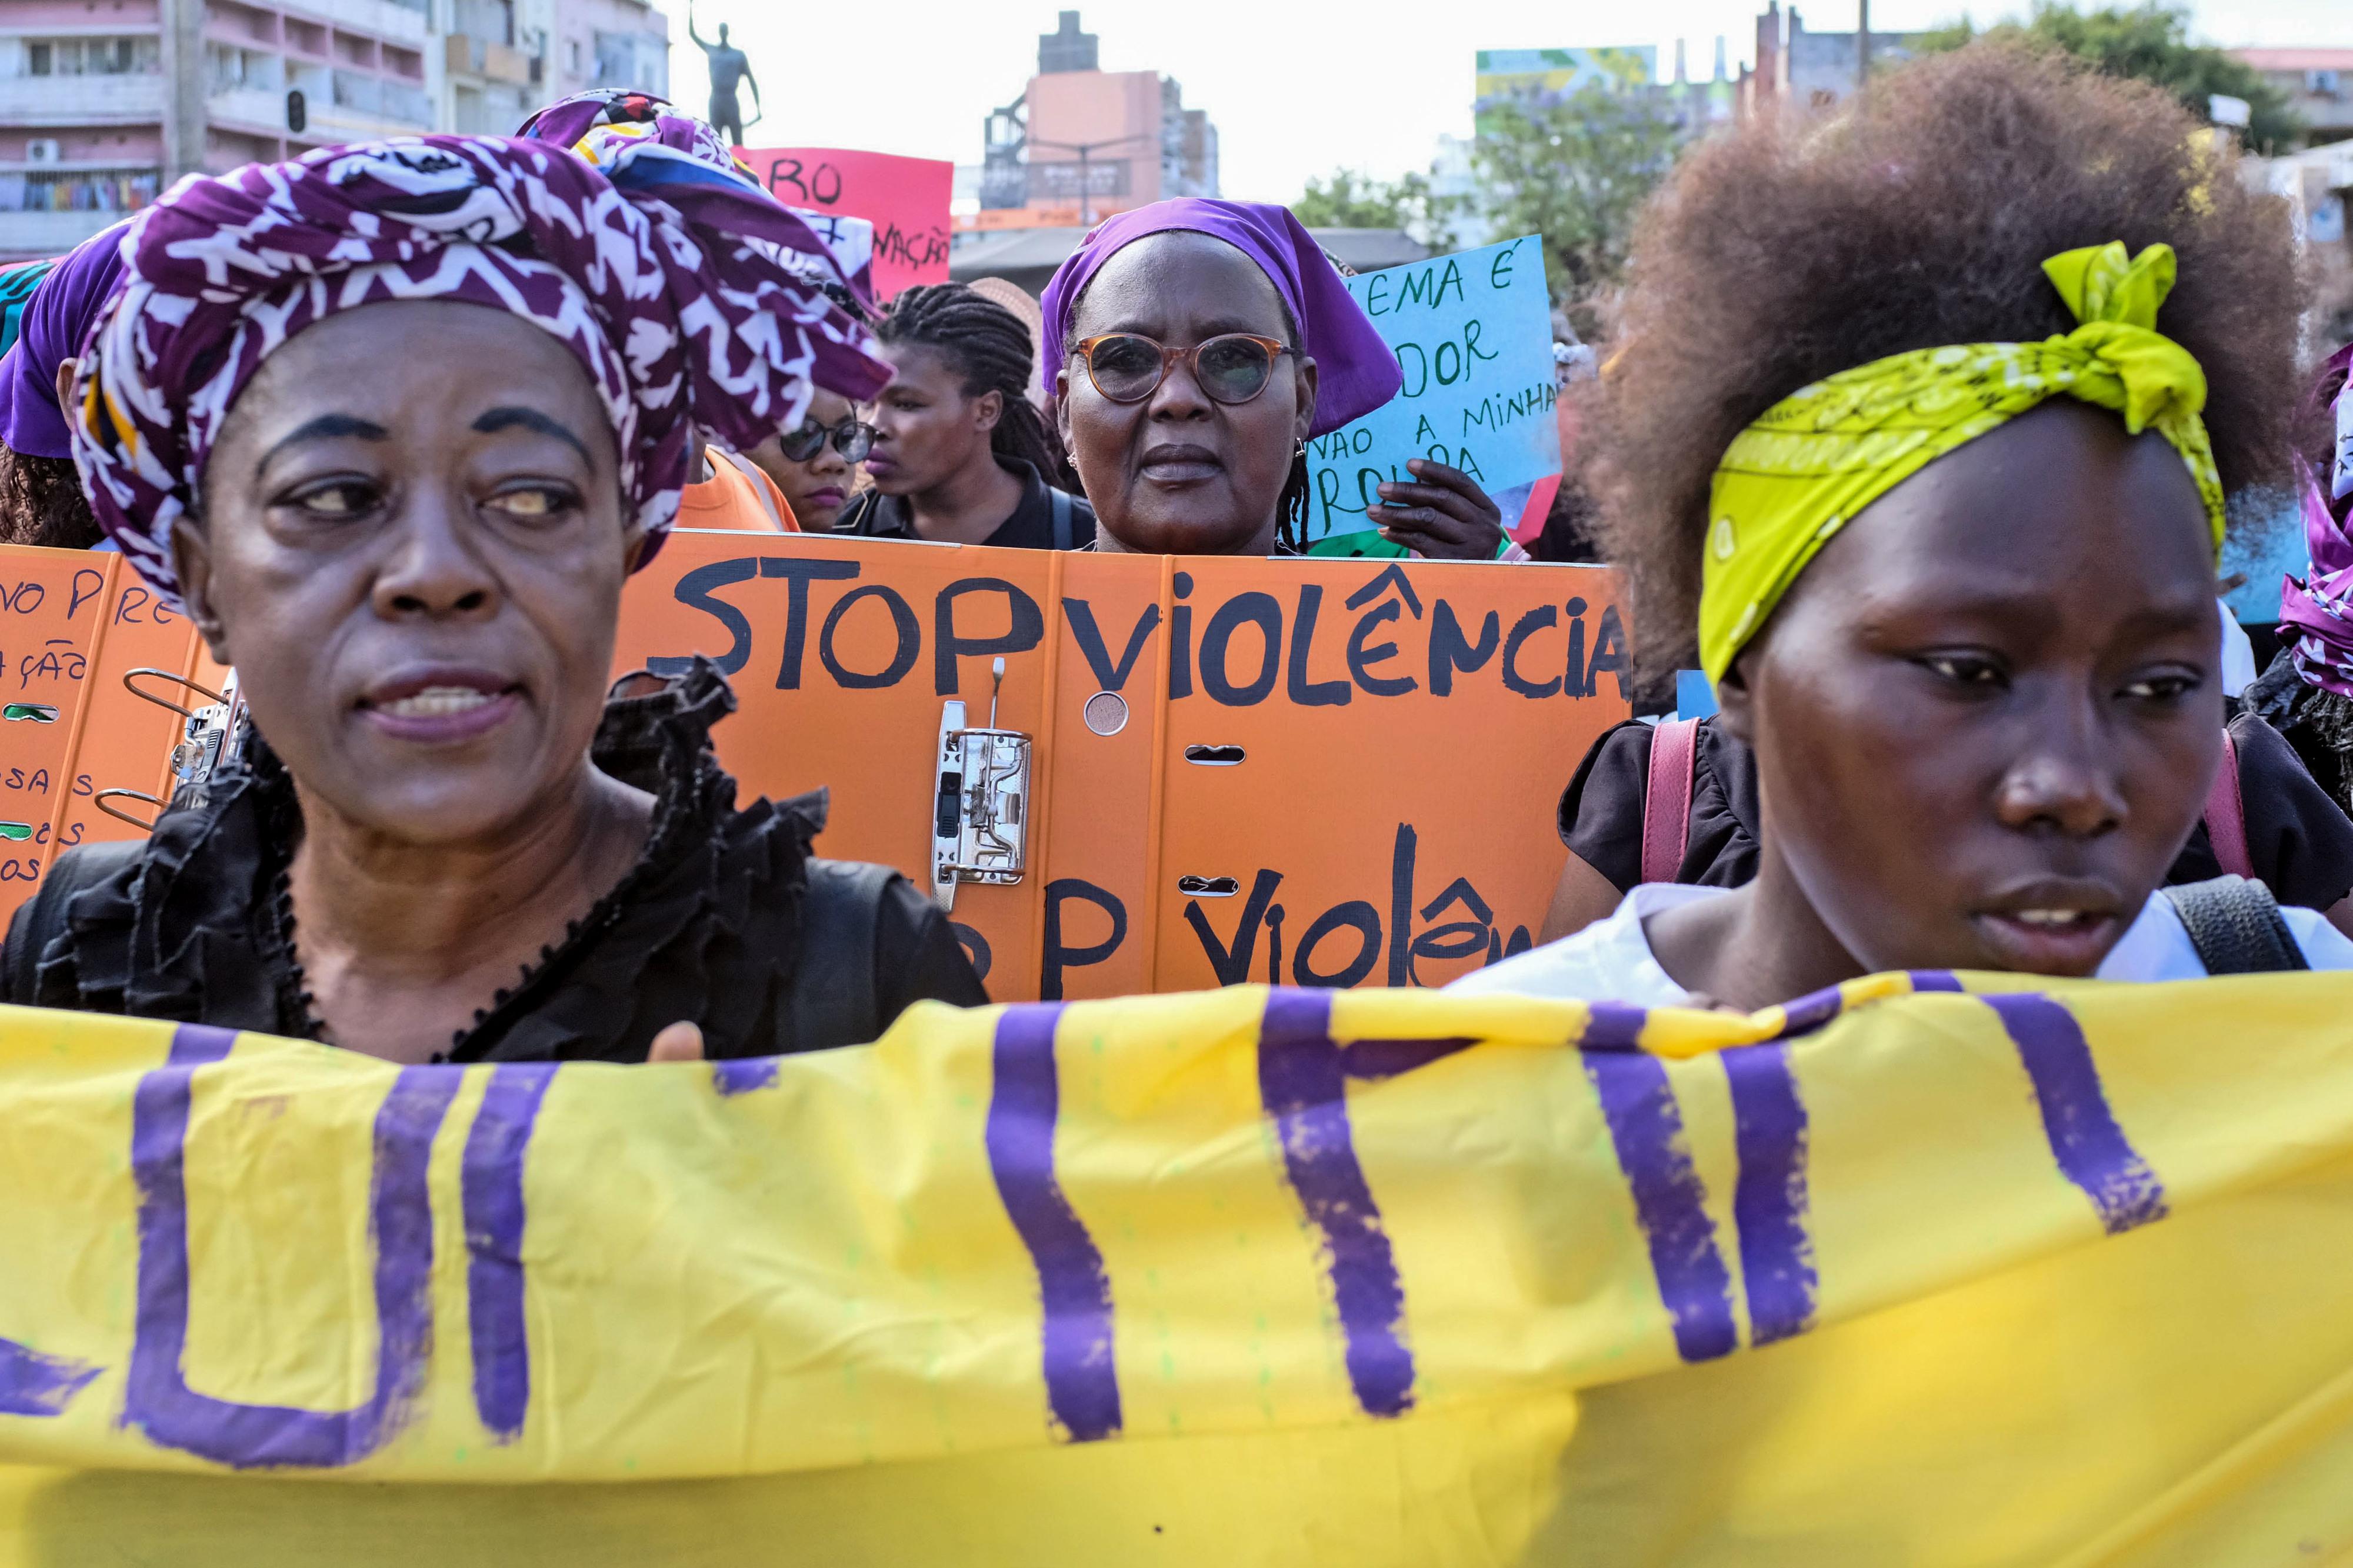 Isabel ganhou coragem para exigir fim da violência contra as mulheres em Moçambique